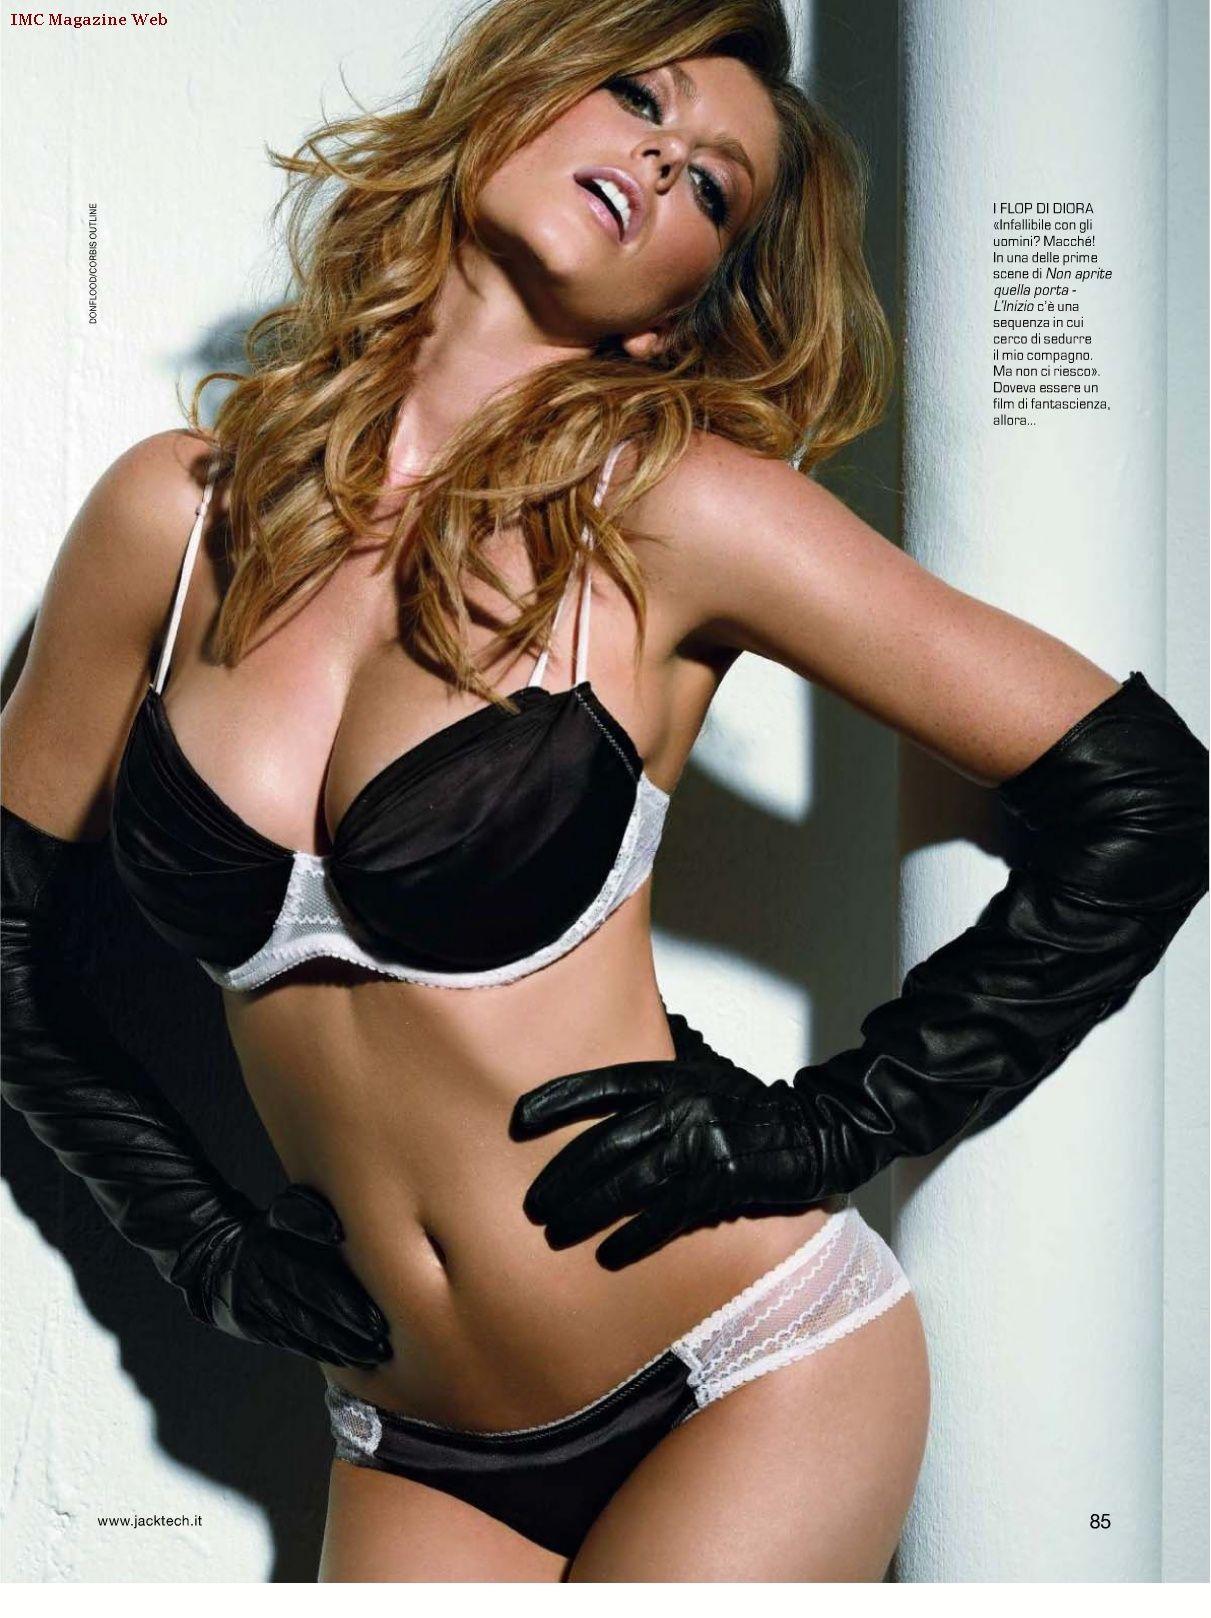 Snapchat Diora Baird nude (55 photo), Sexy, Sideboobs, Feet, underwear 2006